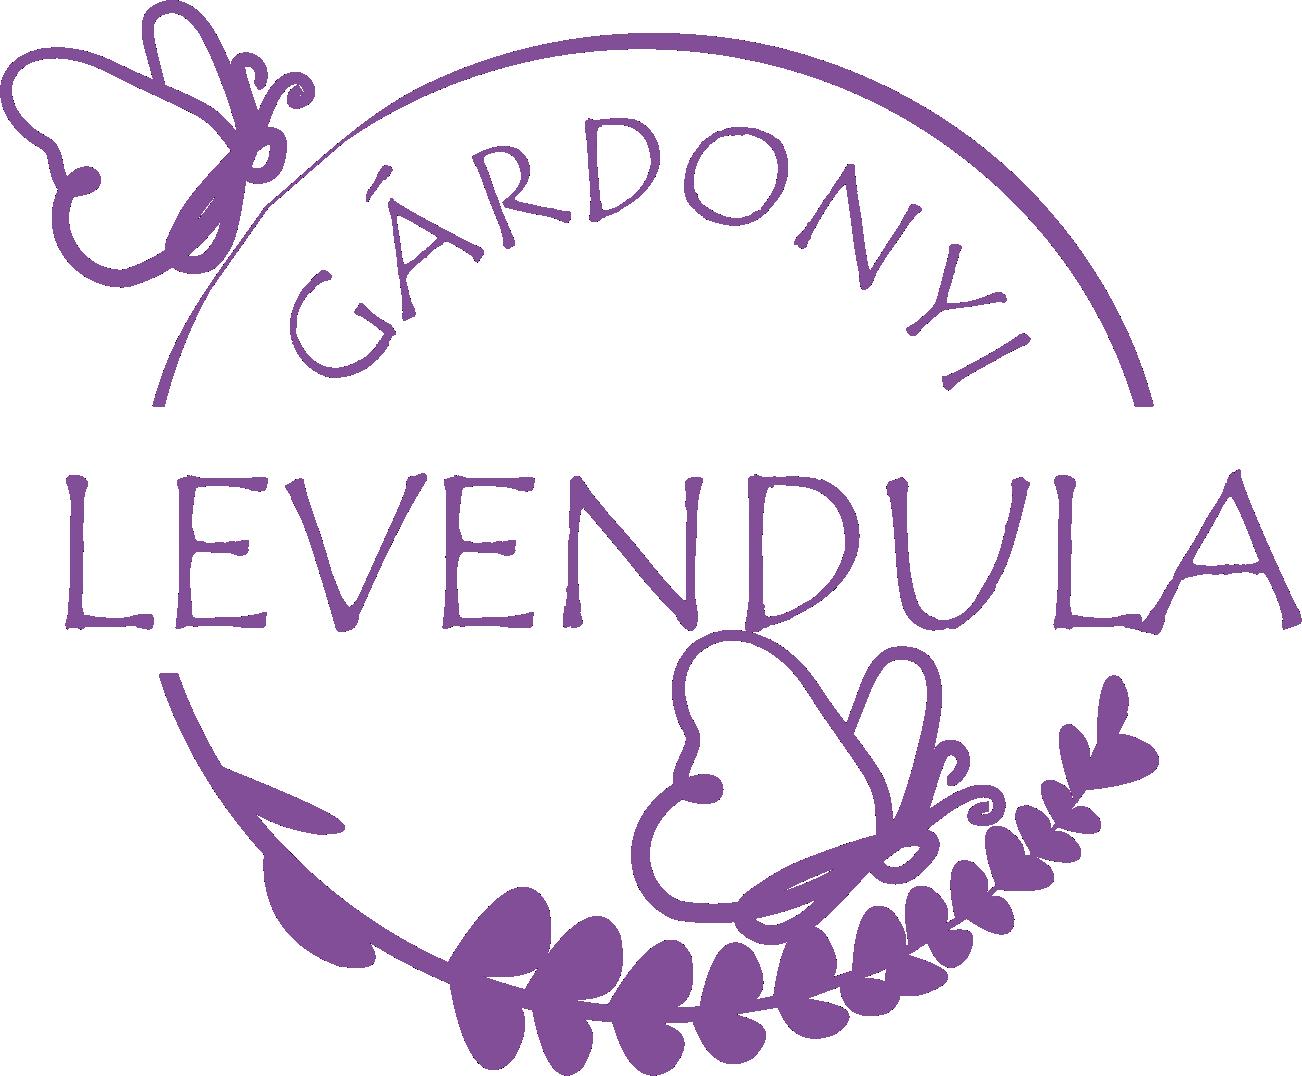 Gárdonyi Levendula